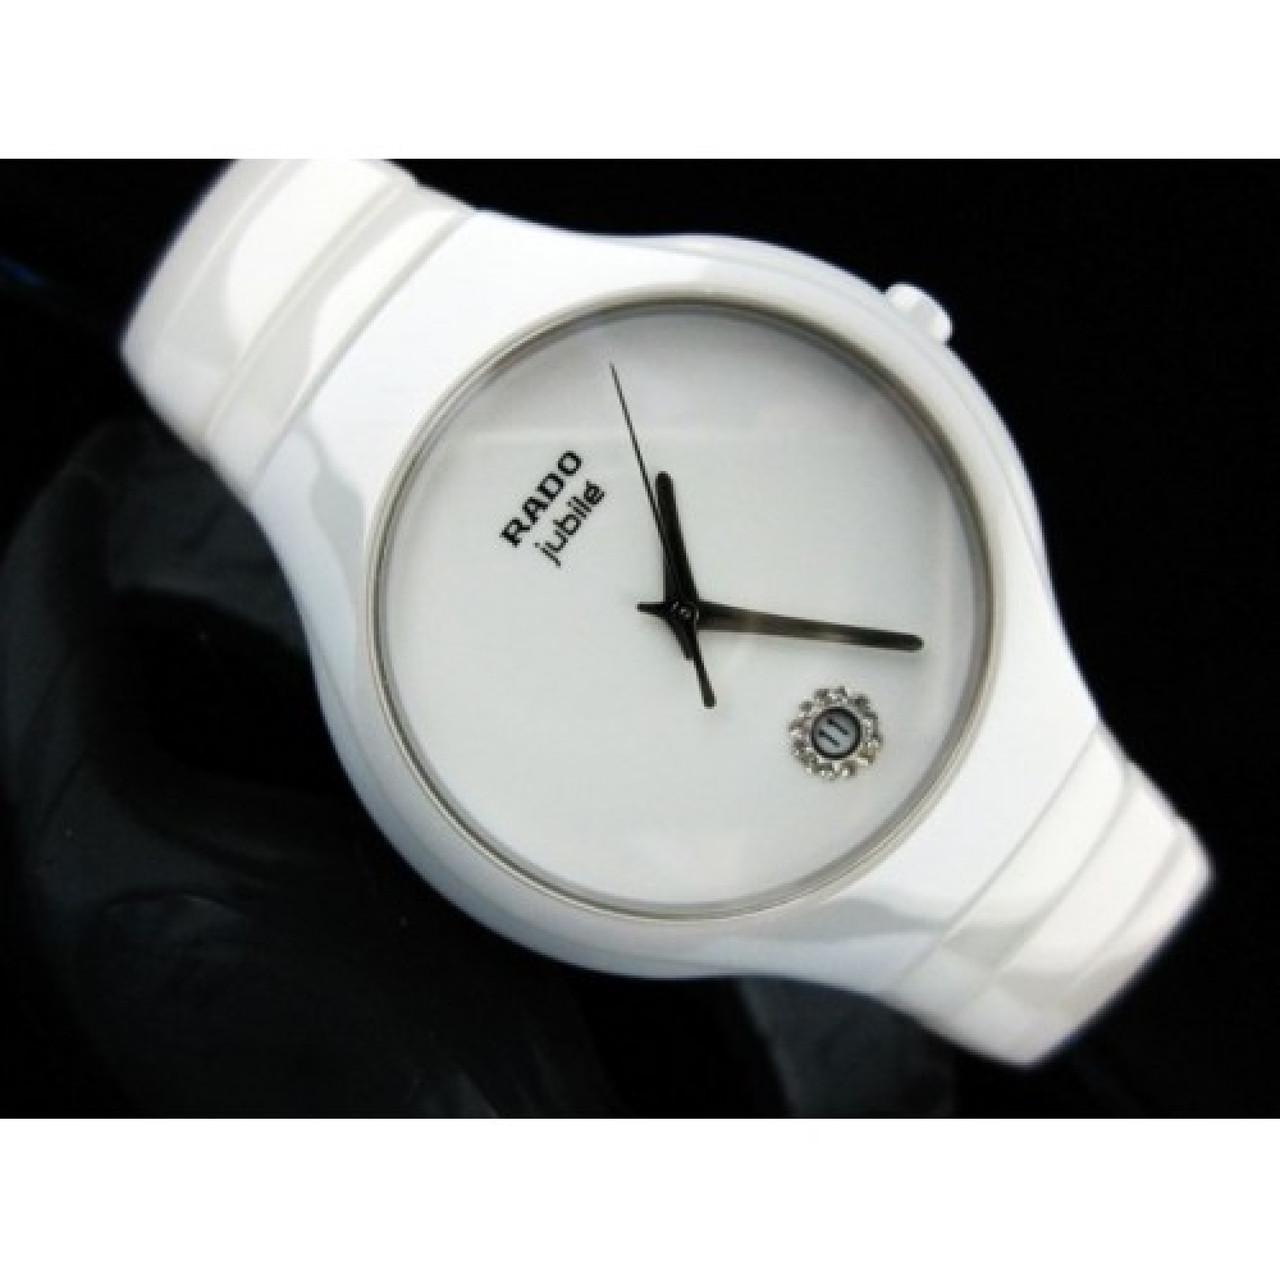 Часы керамические rado купить в браслеты для часов золотые купить